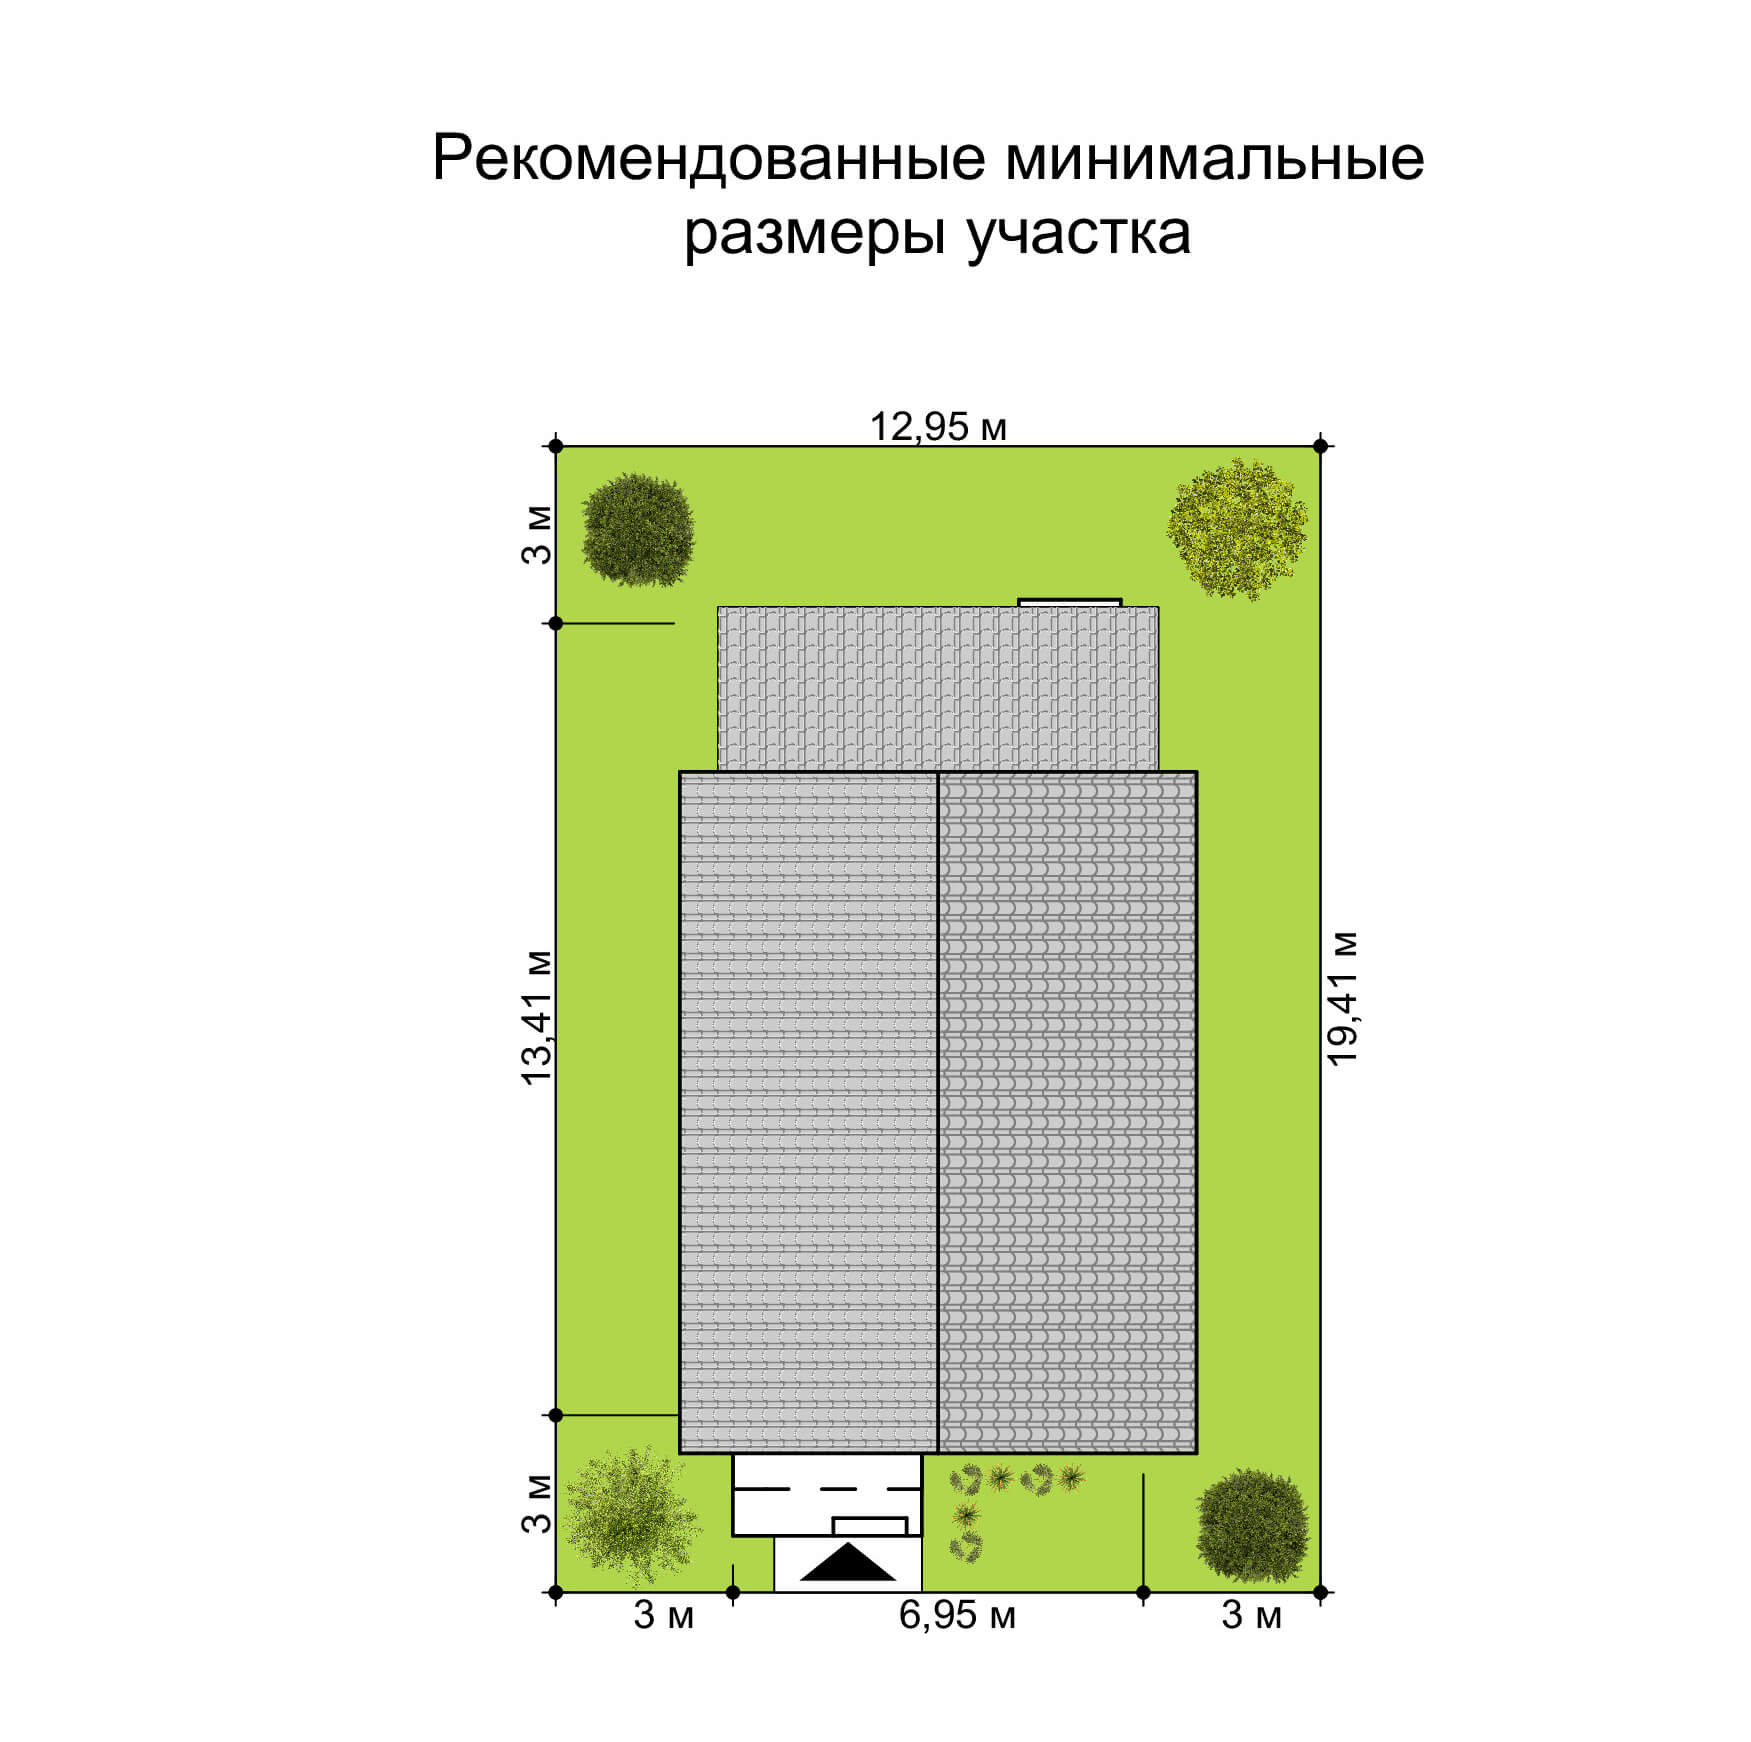 Размеры участка для проекта Riven